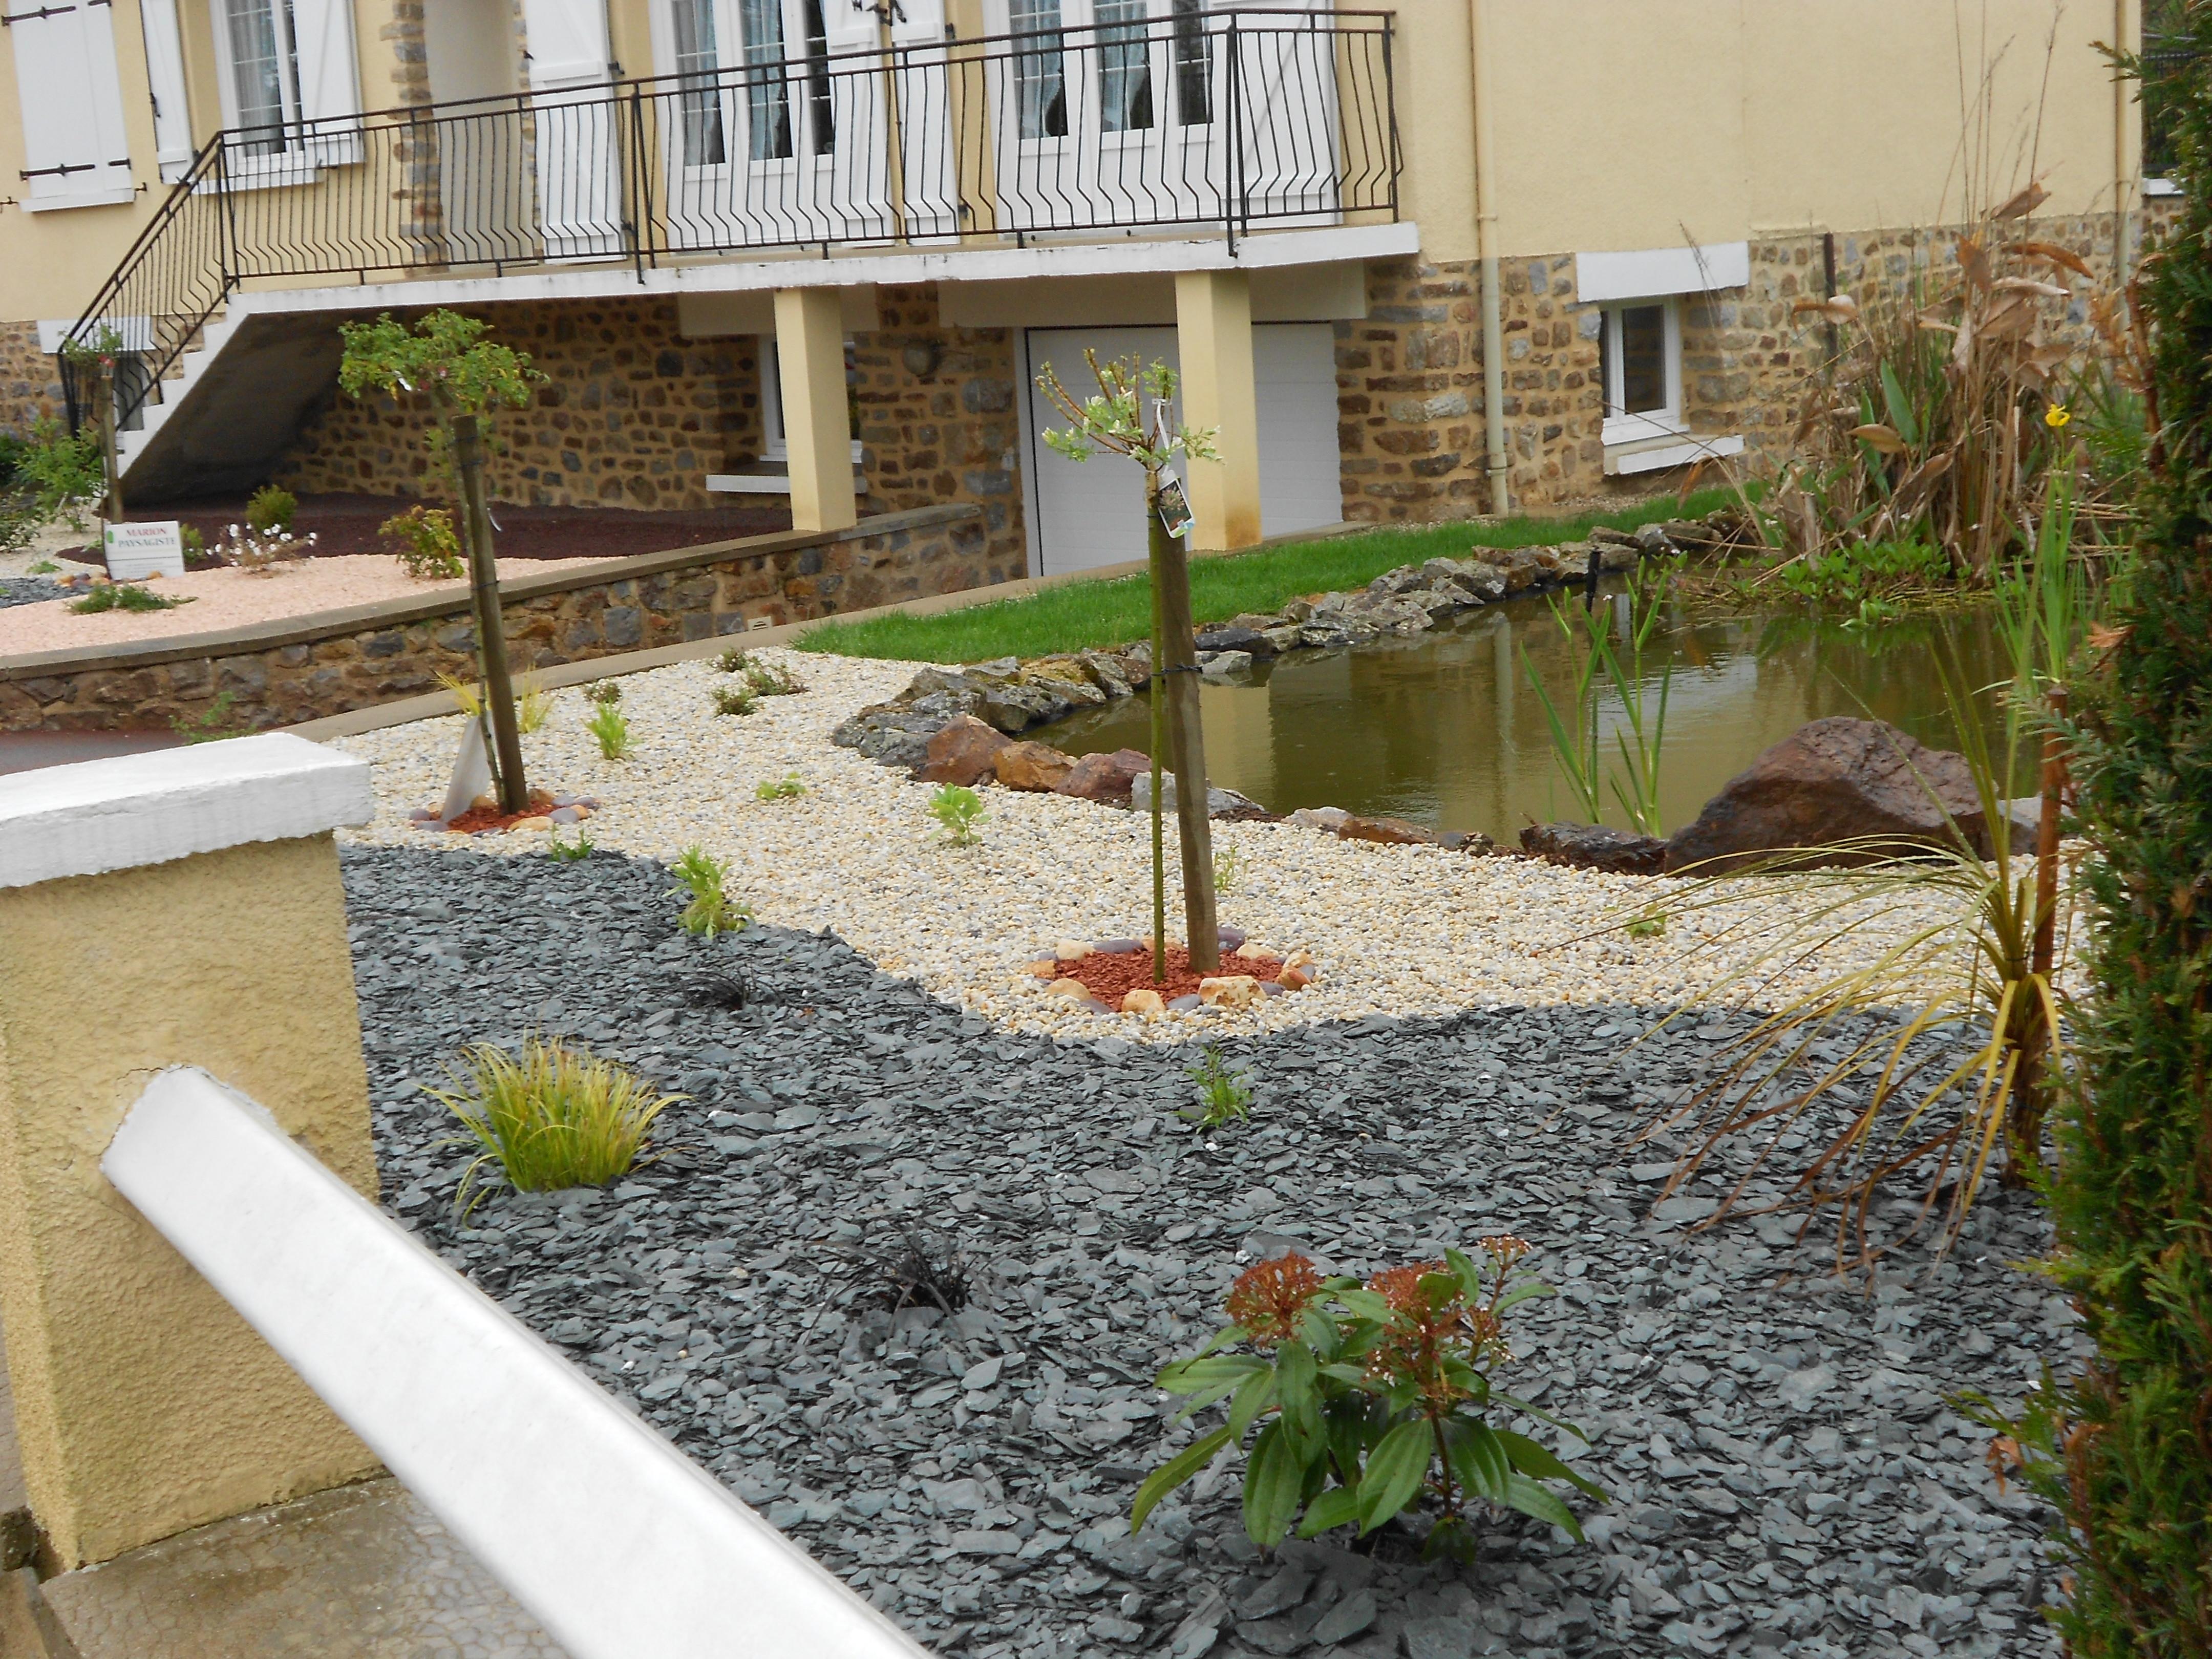 Espaces verts marion paysagiste for Paysagiste entretien espaces verts